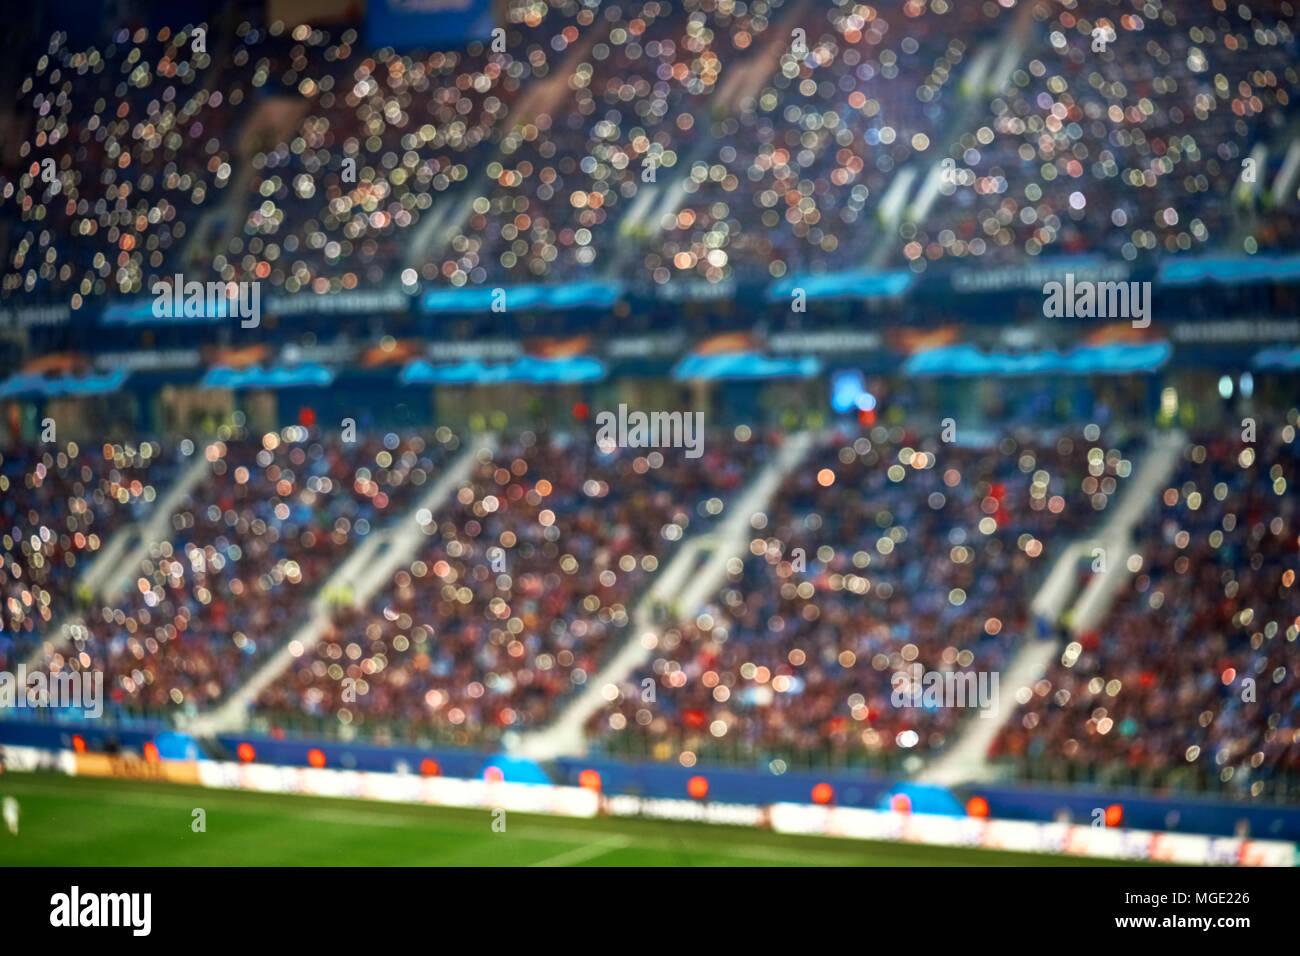 Volle Fussball Fussball Stadion Tribunen Mit Beleuchtung Soft